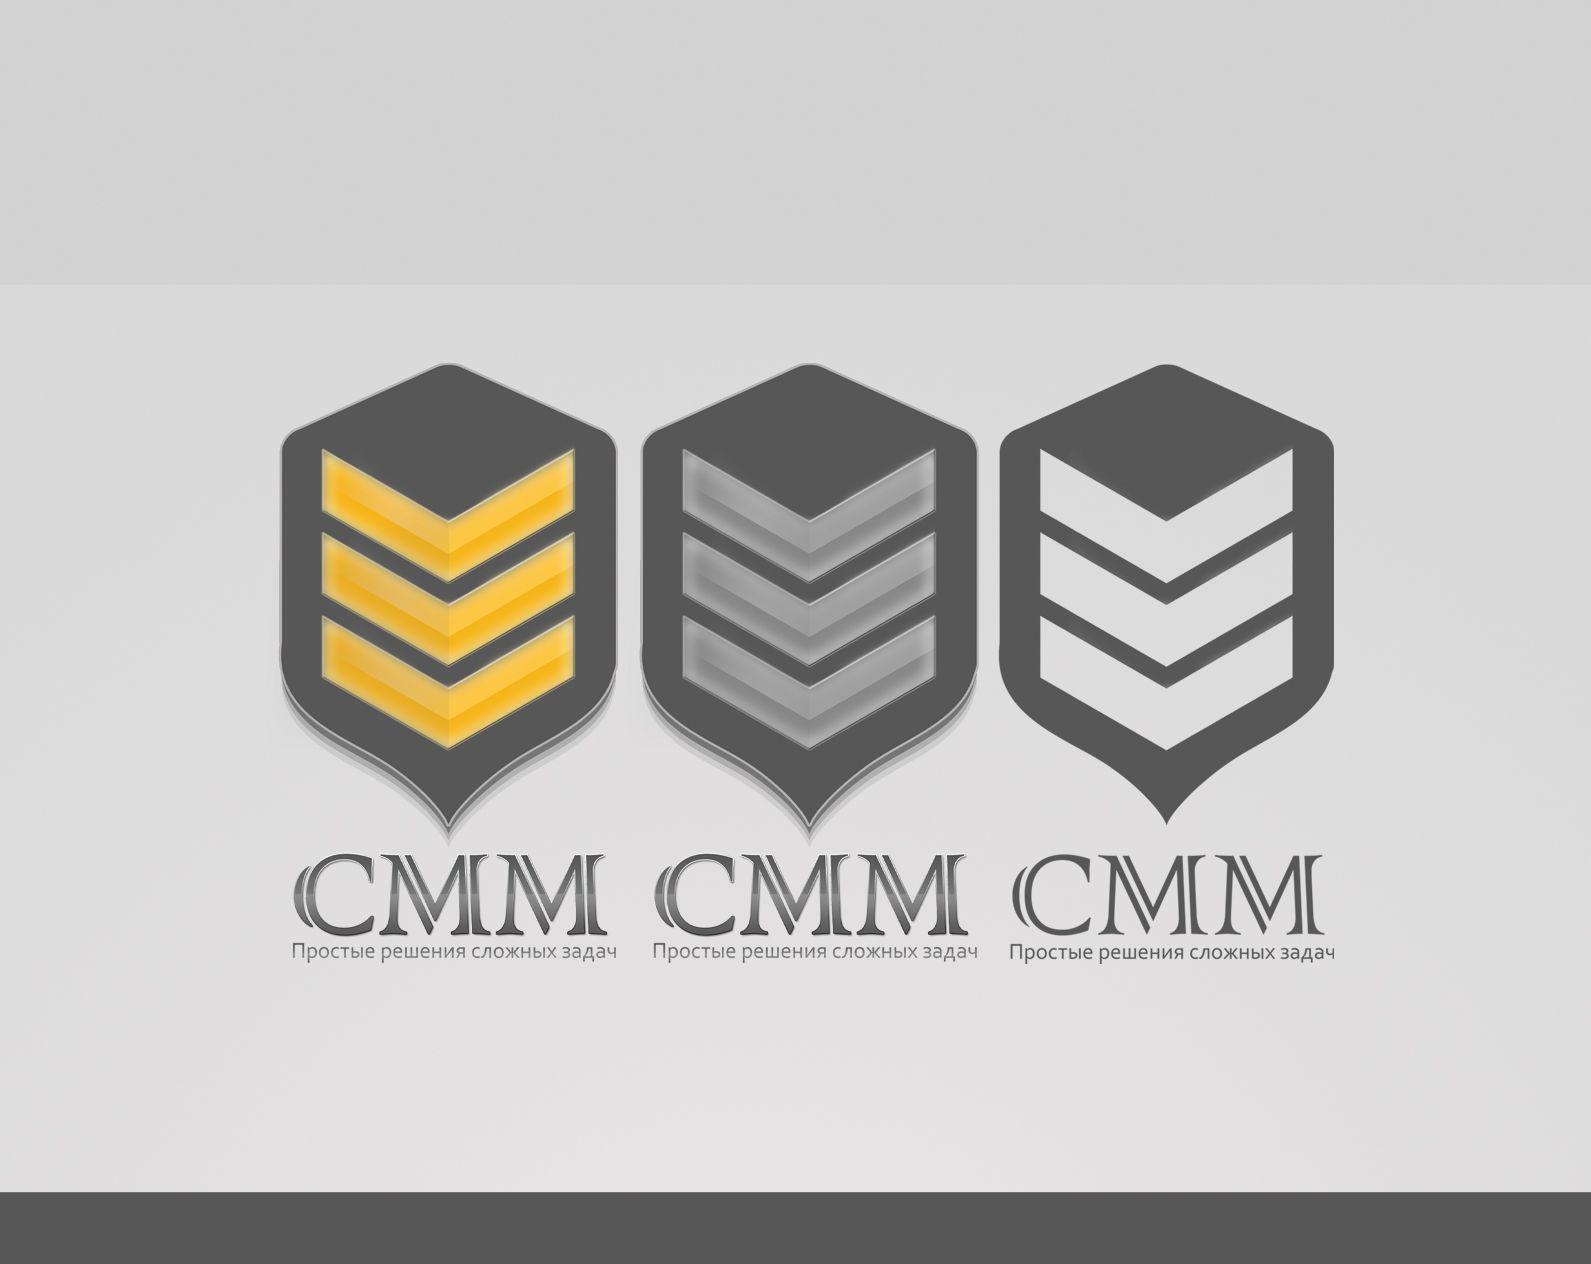 Логотип для металлургической компании - дизайнер MabidaMagz